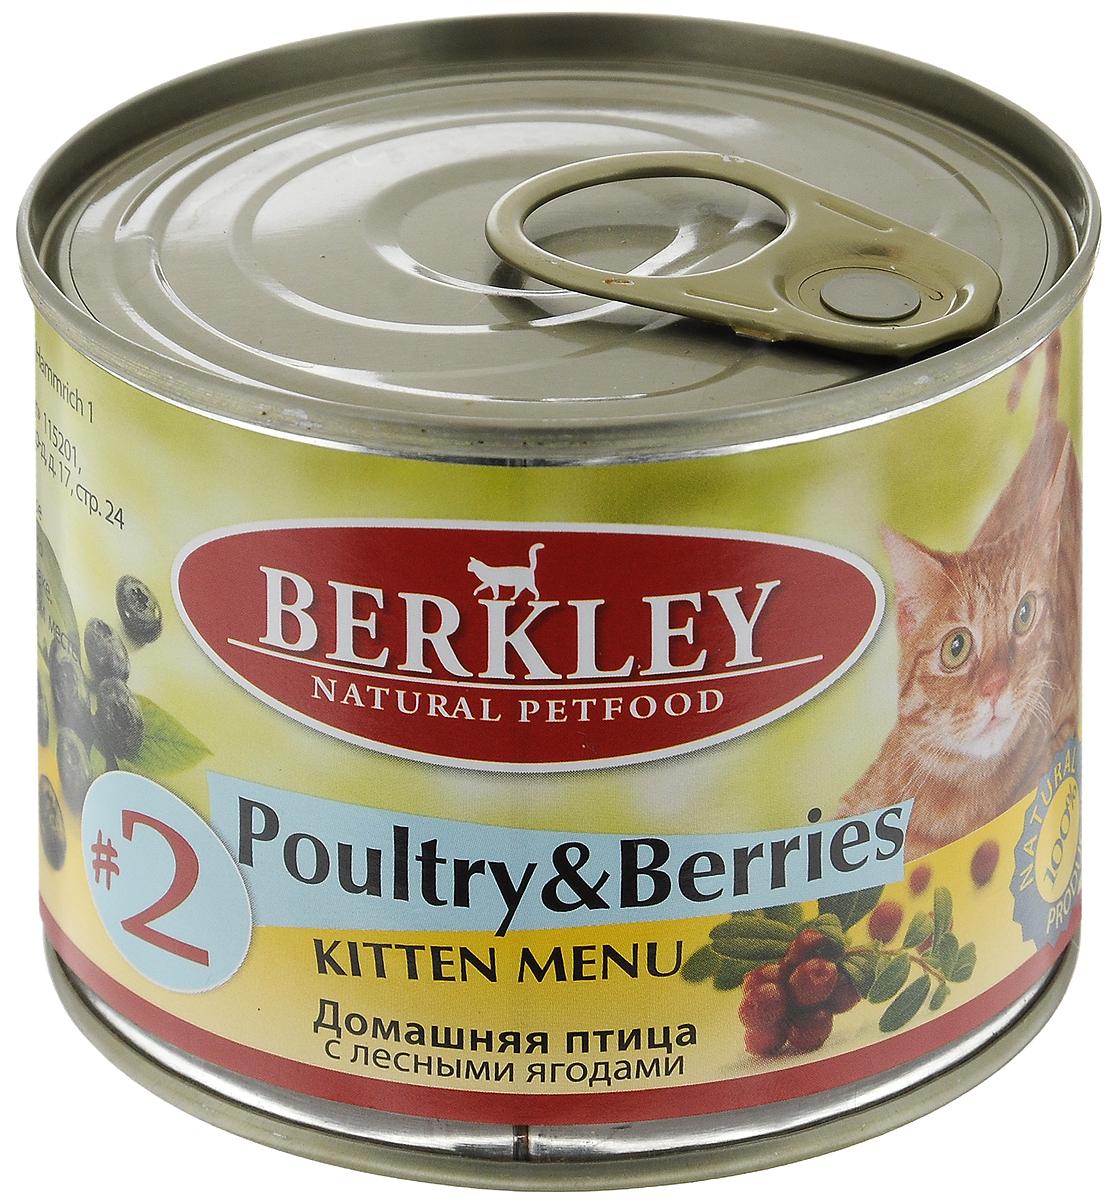 Консервы для котят Berkley №2, домашняя птица с лесными ягодами, 200 г0120710Berkley №2 - это полноценное консервированное питание для котят. Содержит нежное мясо домашней птицы наилучшего качества с лесными ягодами в ароматном бульоне. Консервы приготовлены исключительно из натурального сырья. Не содержат сои, искусственных красителей, ароматизаторов и консервантов.Товар сертифицирован.